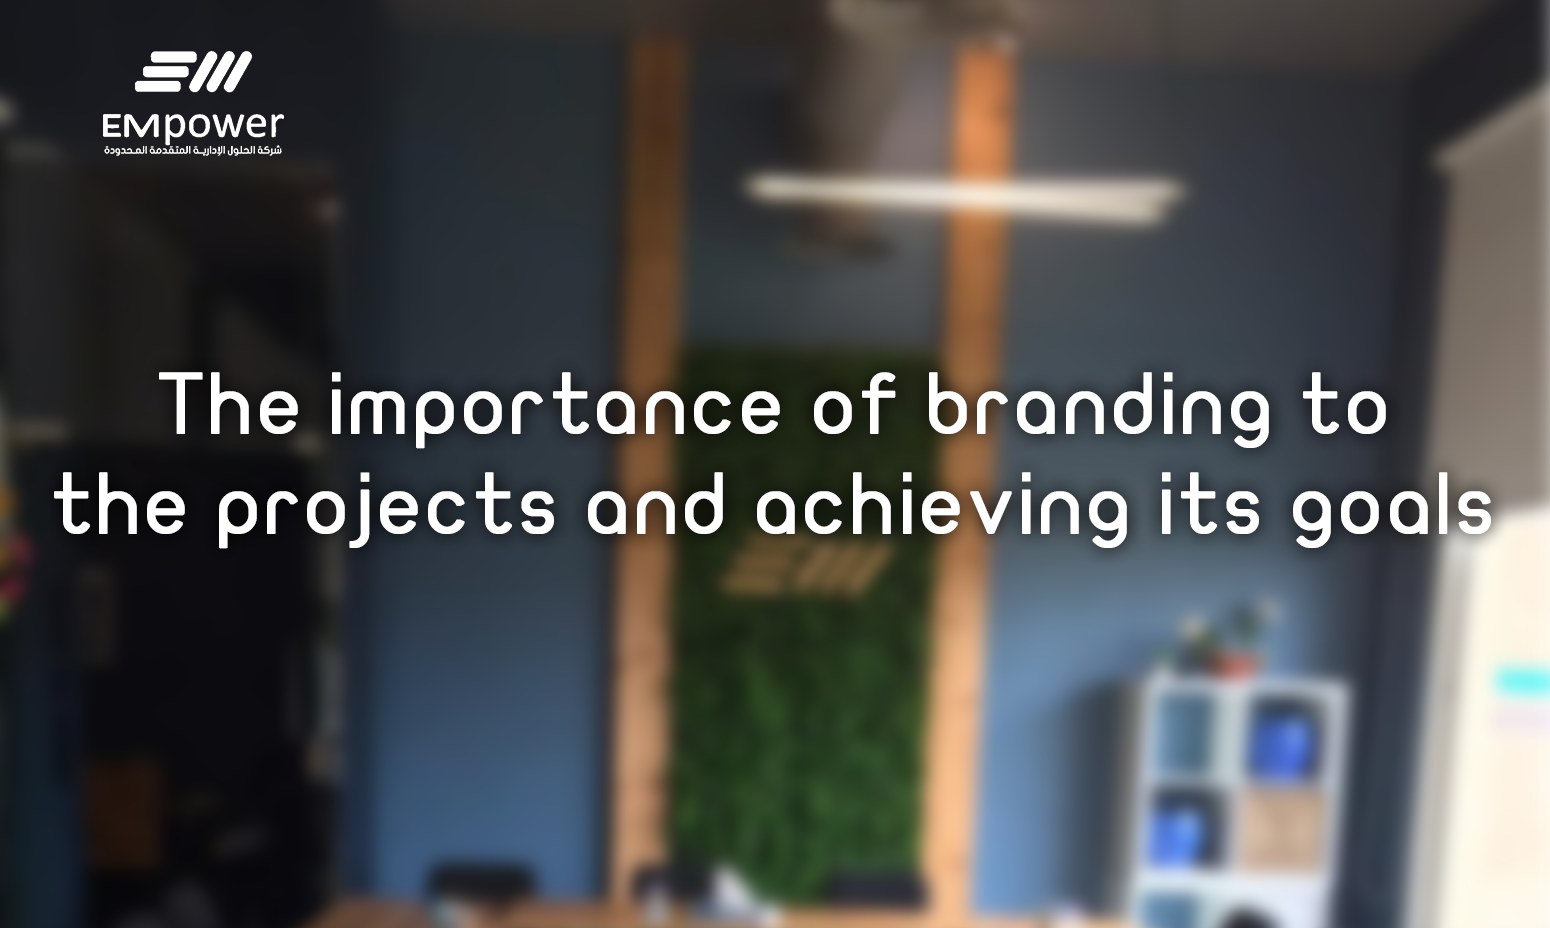 3 - أهمية العلامة التجارية للمشروع وتحقيق أهدافه